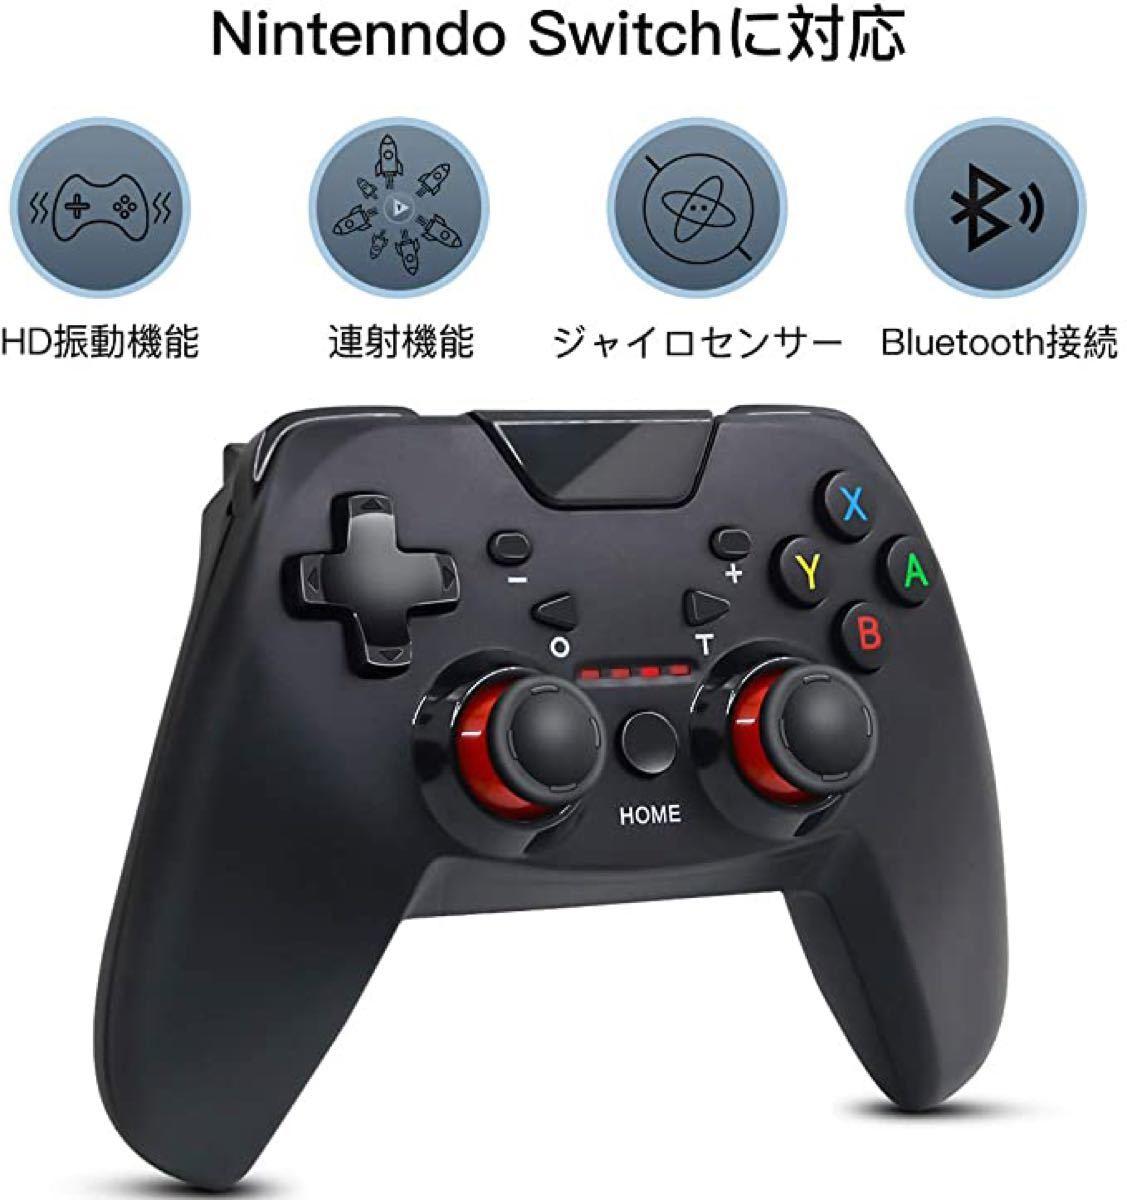 任天堂スイッチ対応ワイヤレスコントローラー Switch ニンテンドー ゲーム 2個セット ブラック